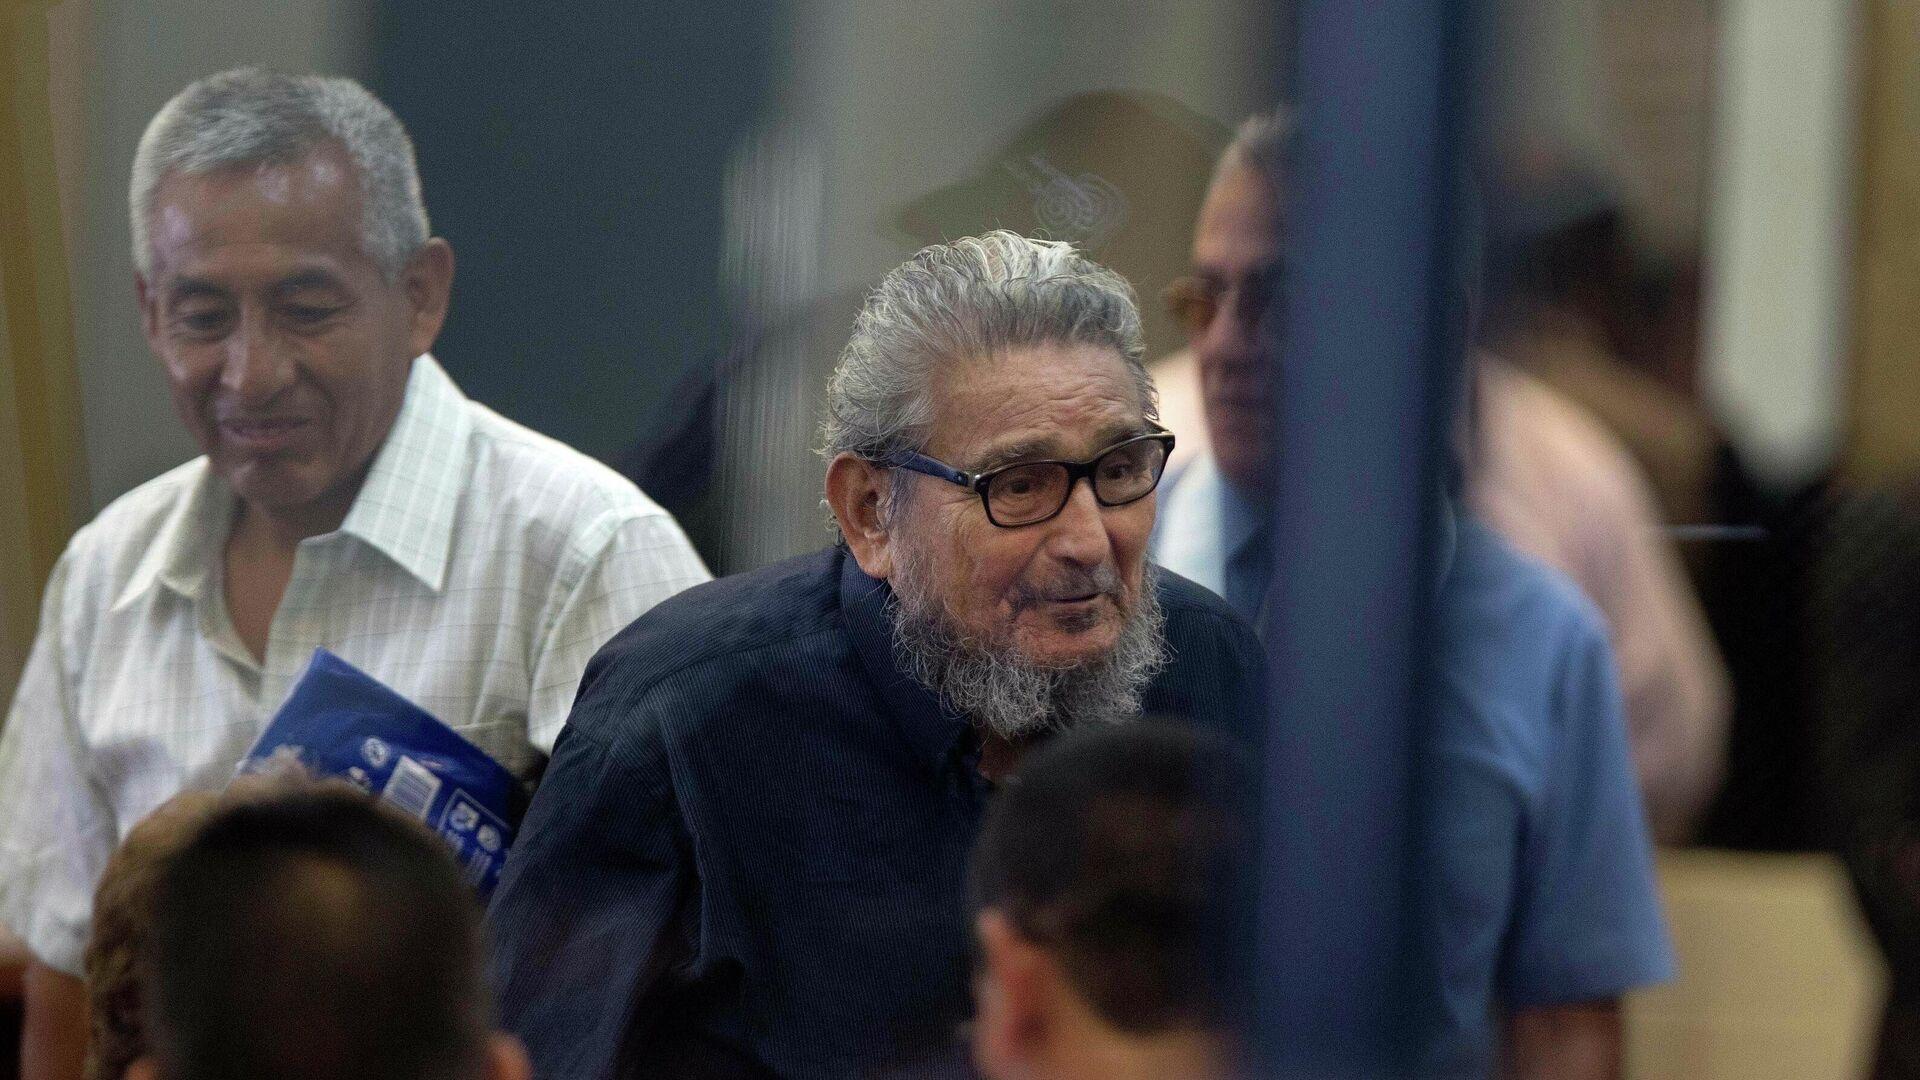 El exlíder de Sendero Luminoso, Abimael Guzmán, durante un juicio en 2017 - Sputnik Mundo, 1920, 16.09.2021